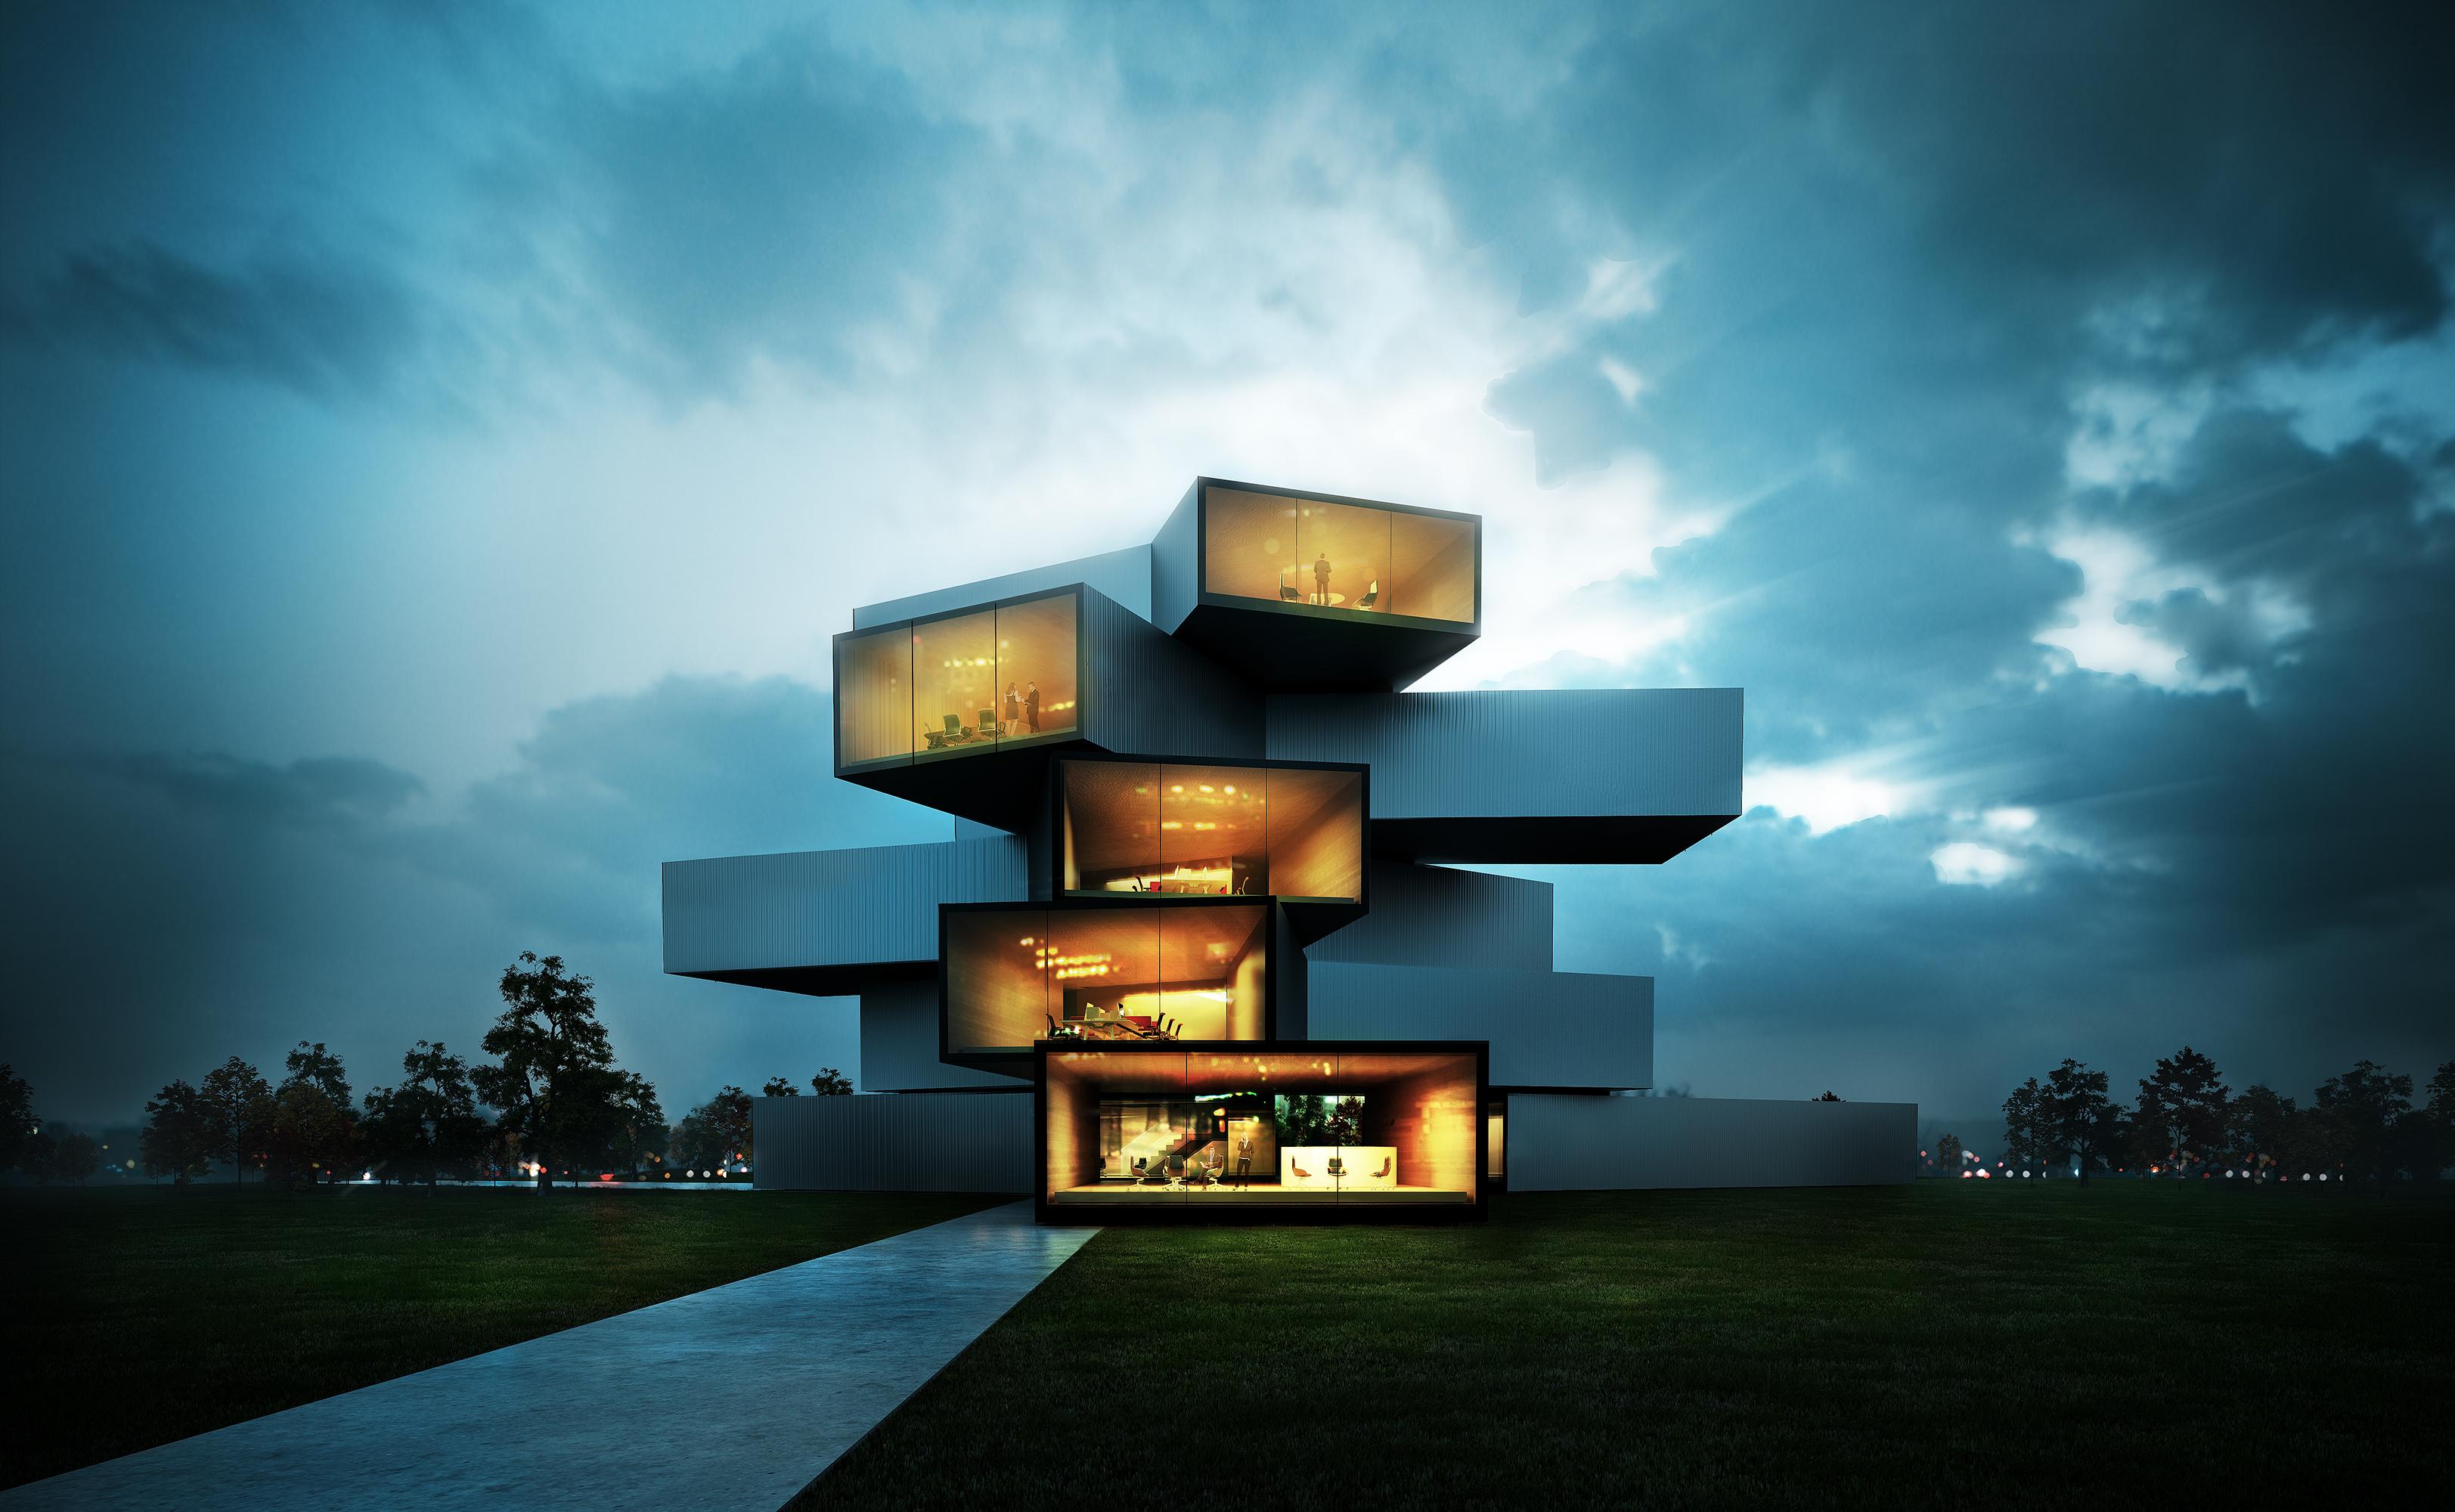 Modern_House_Final_HD_